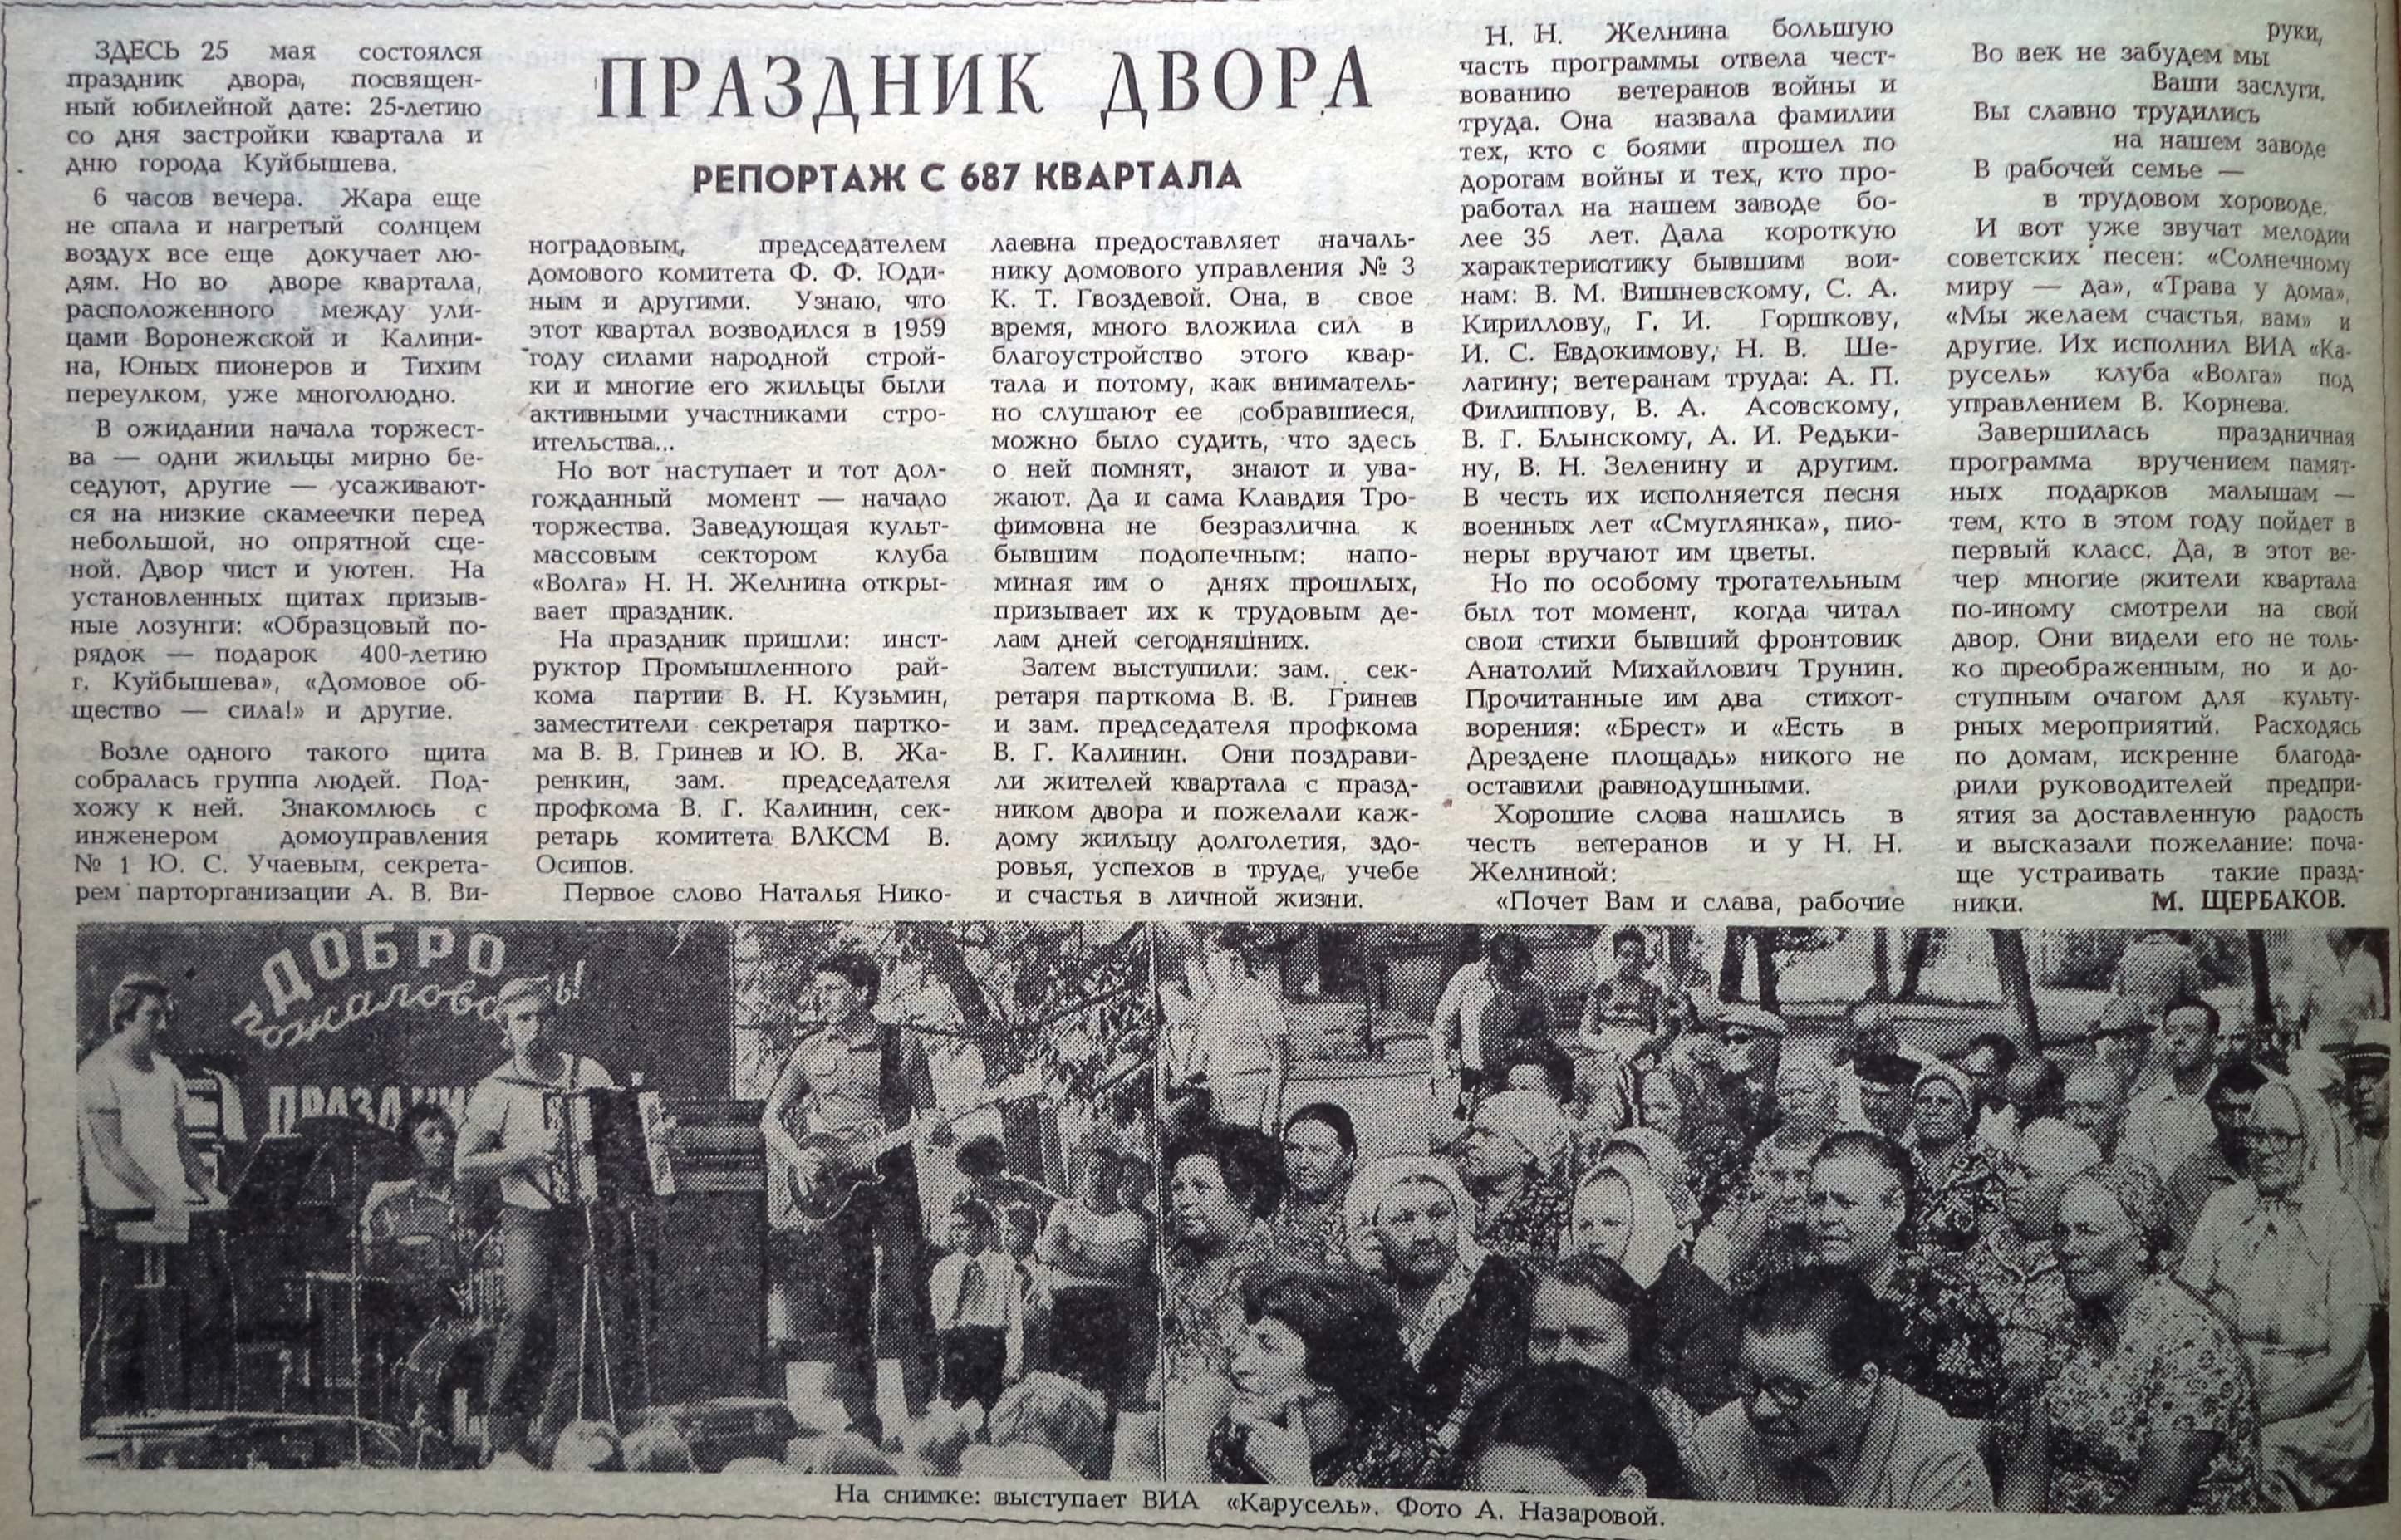 Тихий-ФОТО-13-Передовик-1984-6 июня